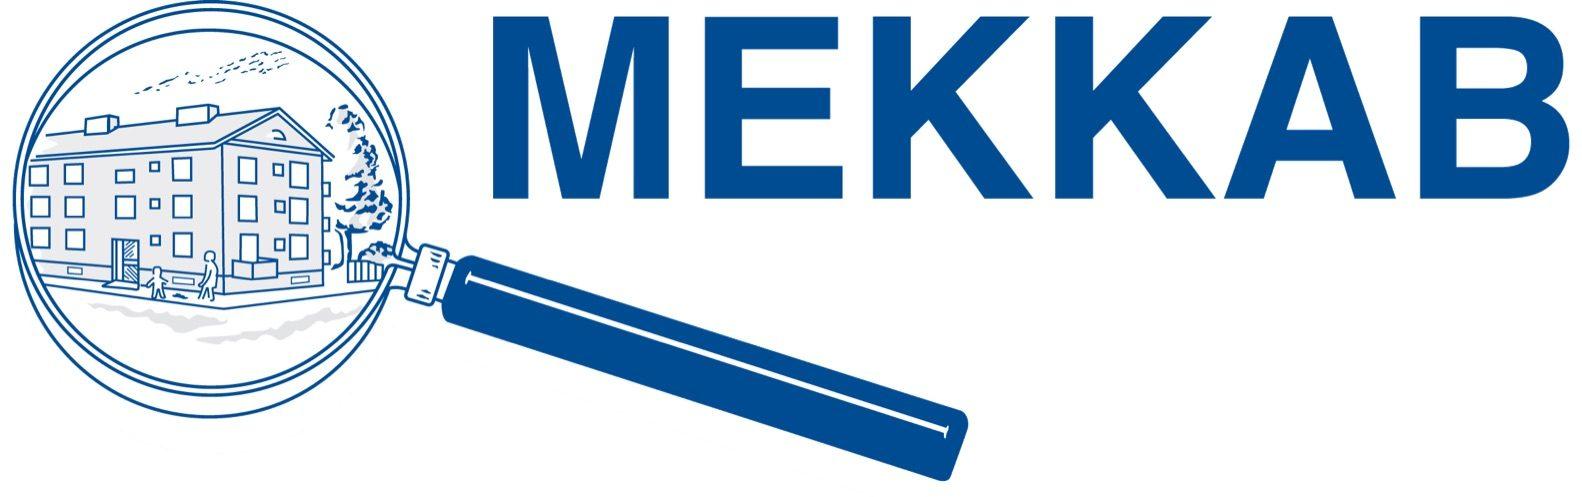 MEKKAB